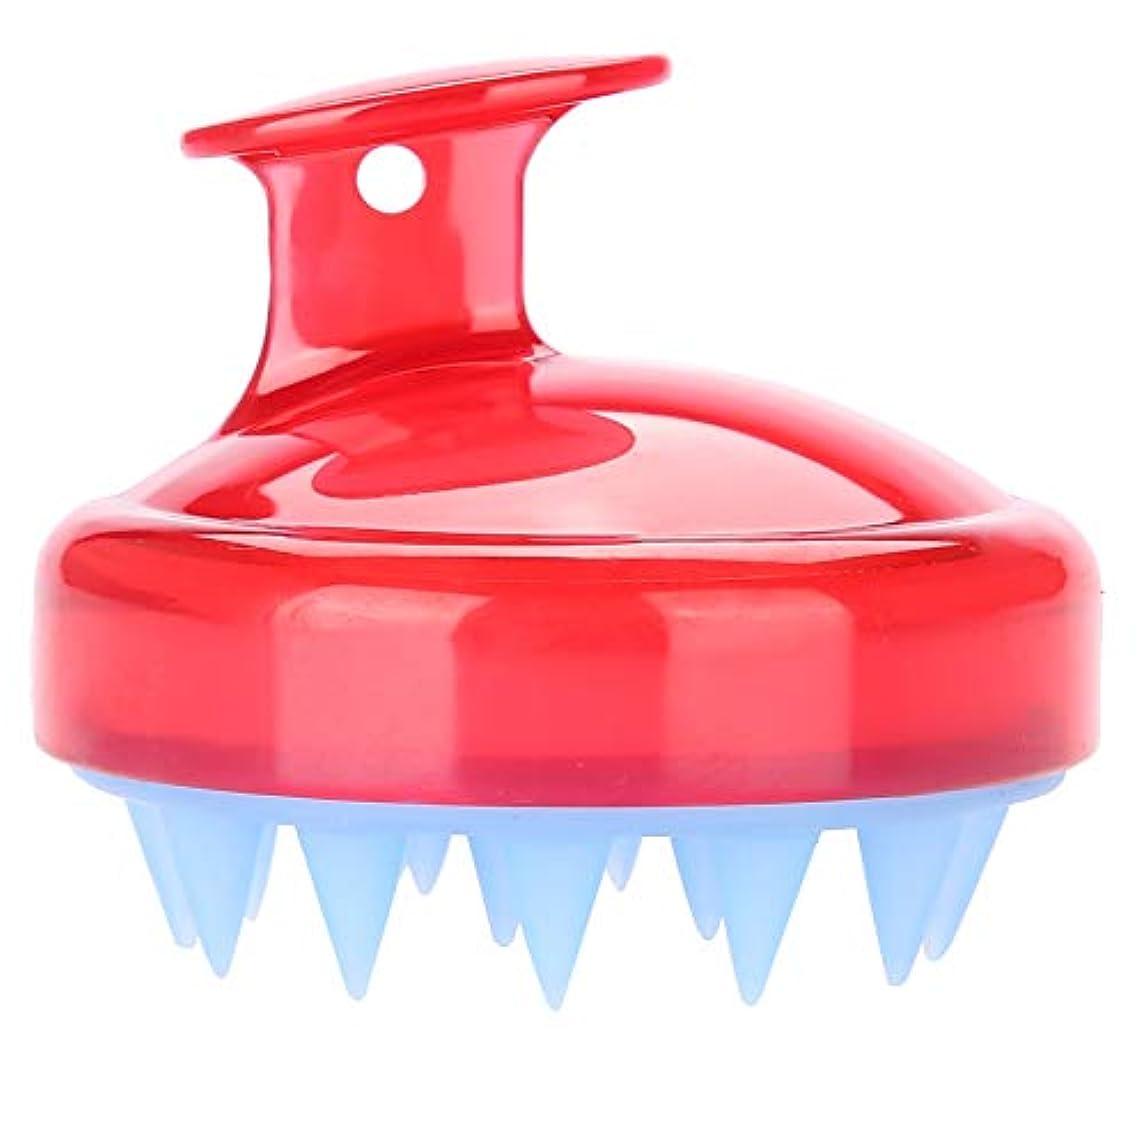 建設レイアかもしれない5色マッサージャーヘッド - スカルプマッサージャー、マッサージャーブラシヘッドシャンプー - ボディ洗浄マッサージャーのためのシャワーブラシ(赤)